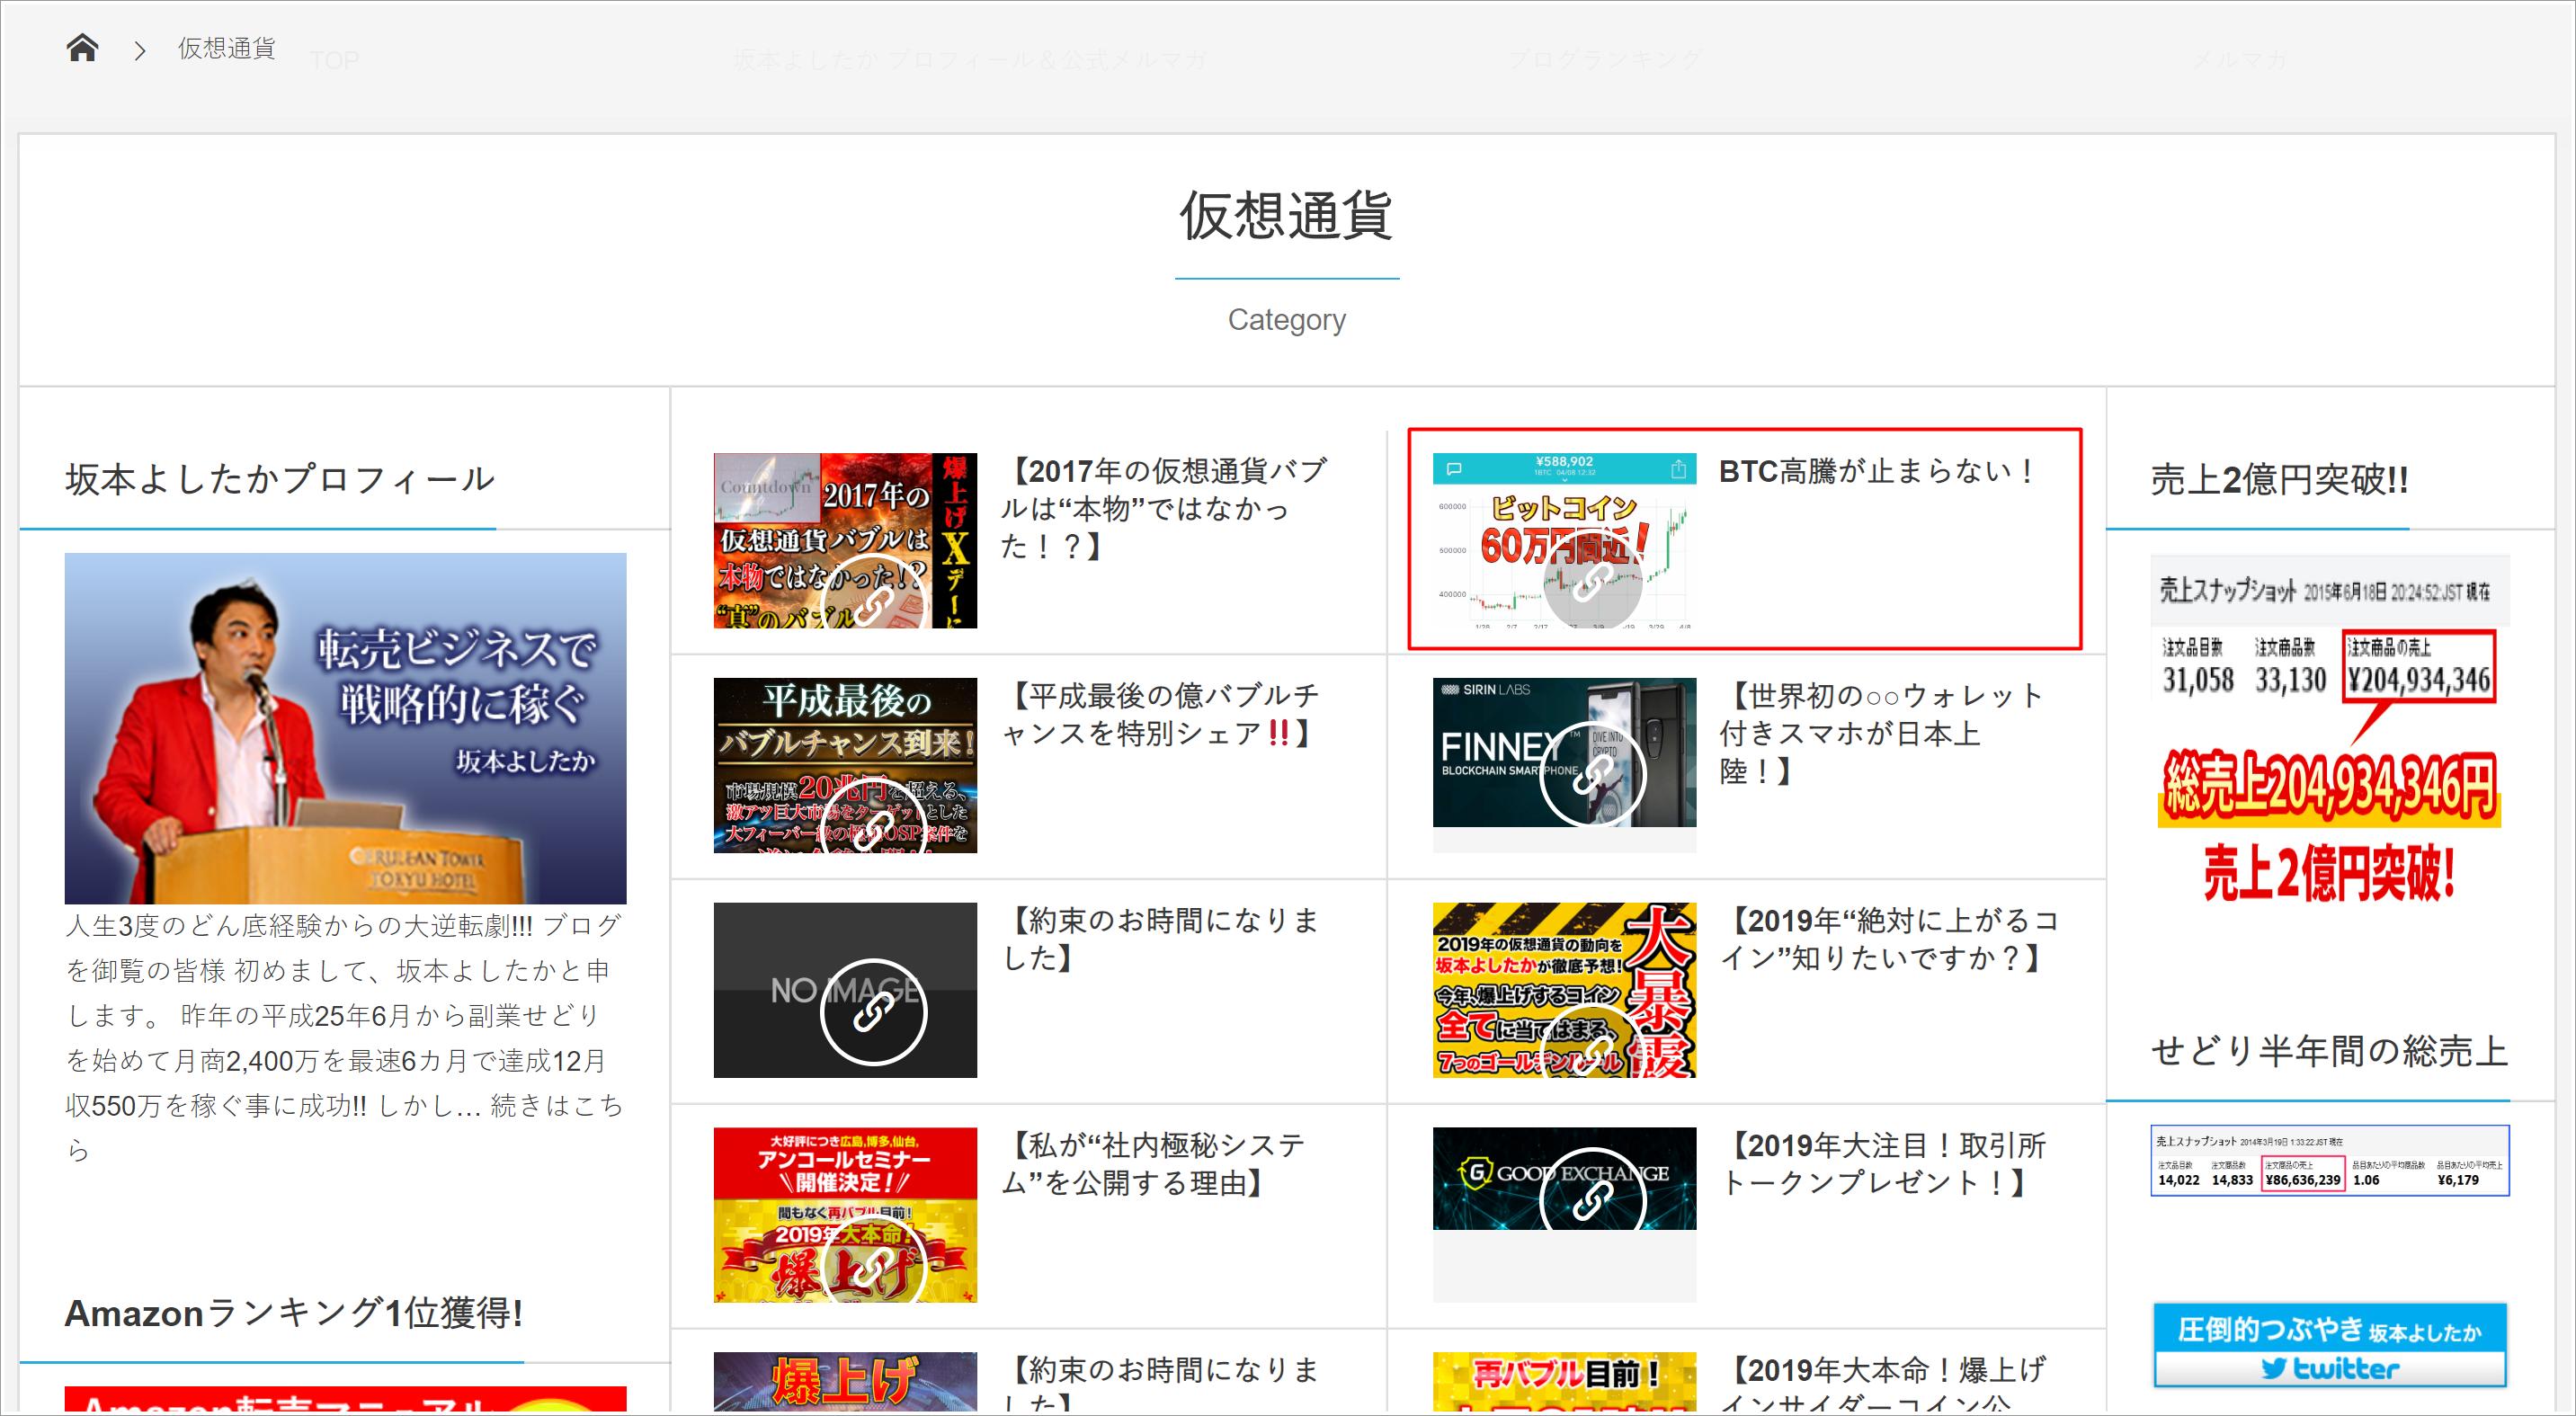 坂本よしたか 公式物販サイトの仮想通貨カテゴリ